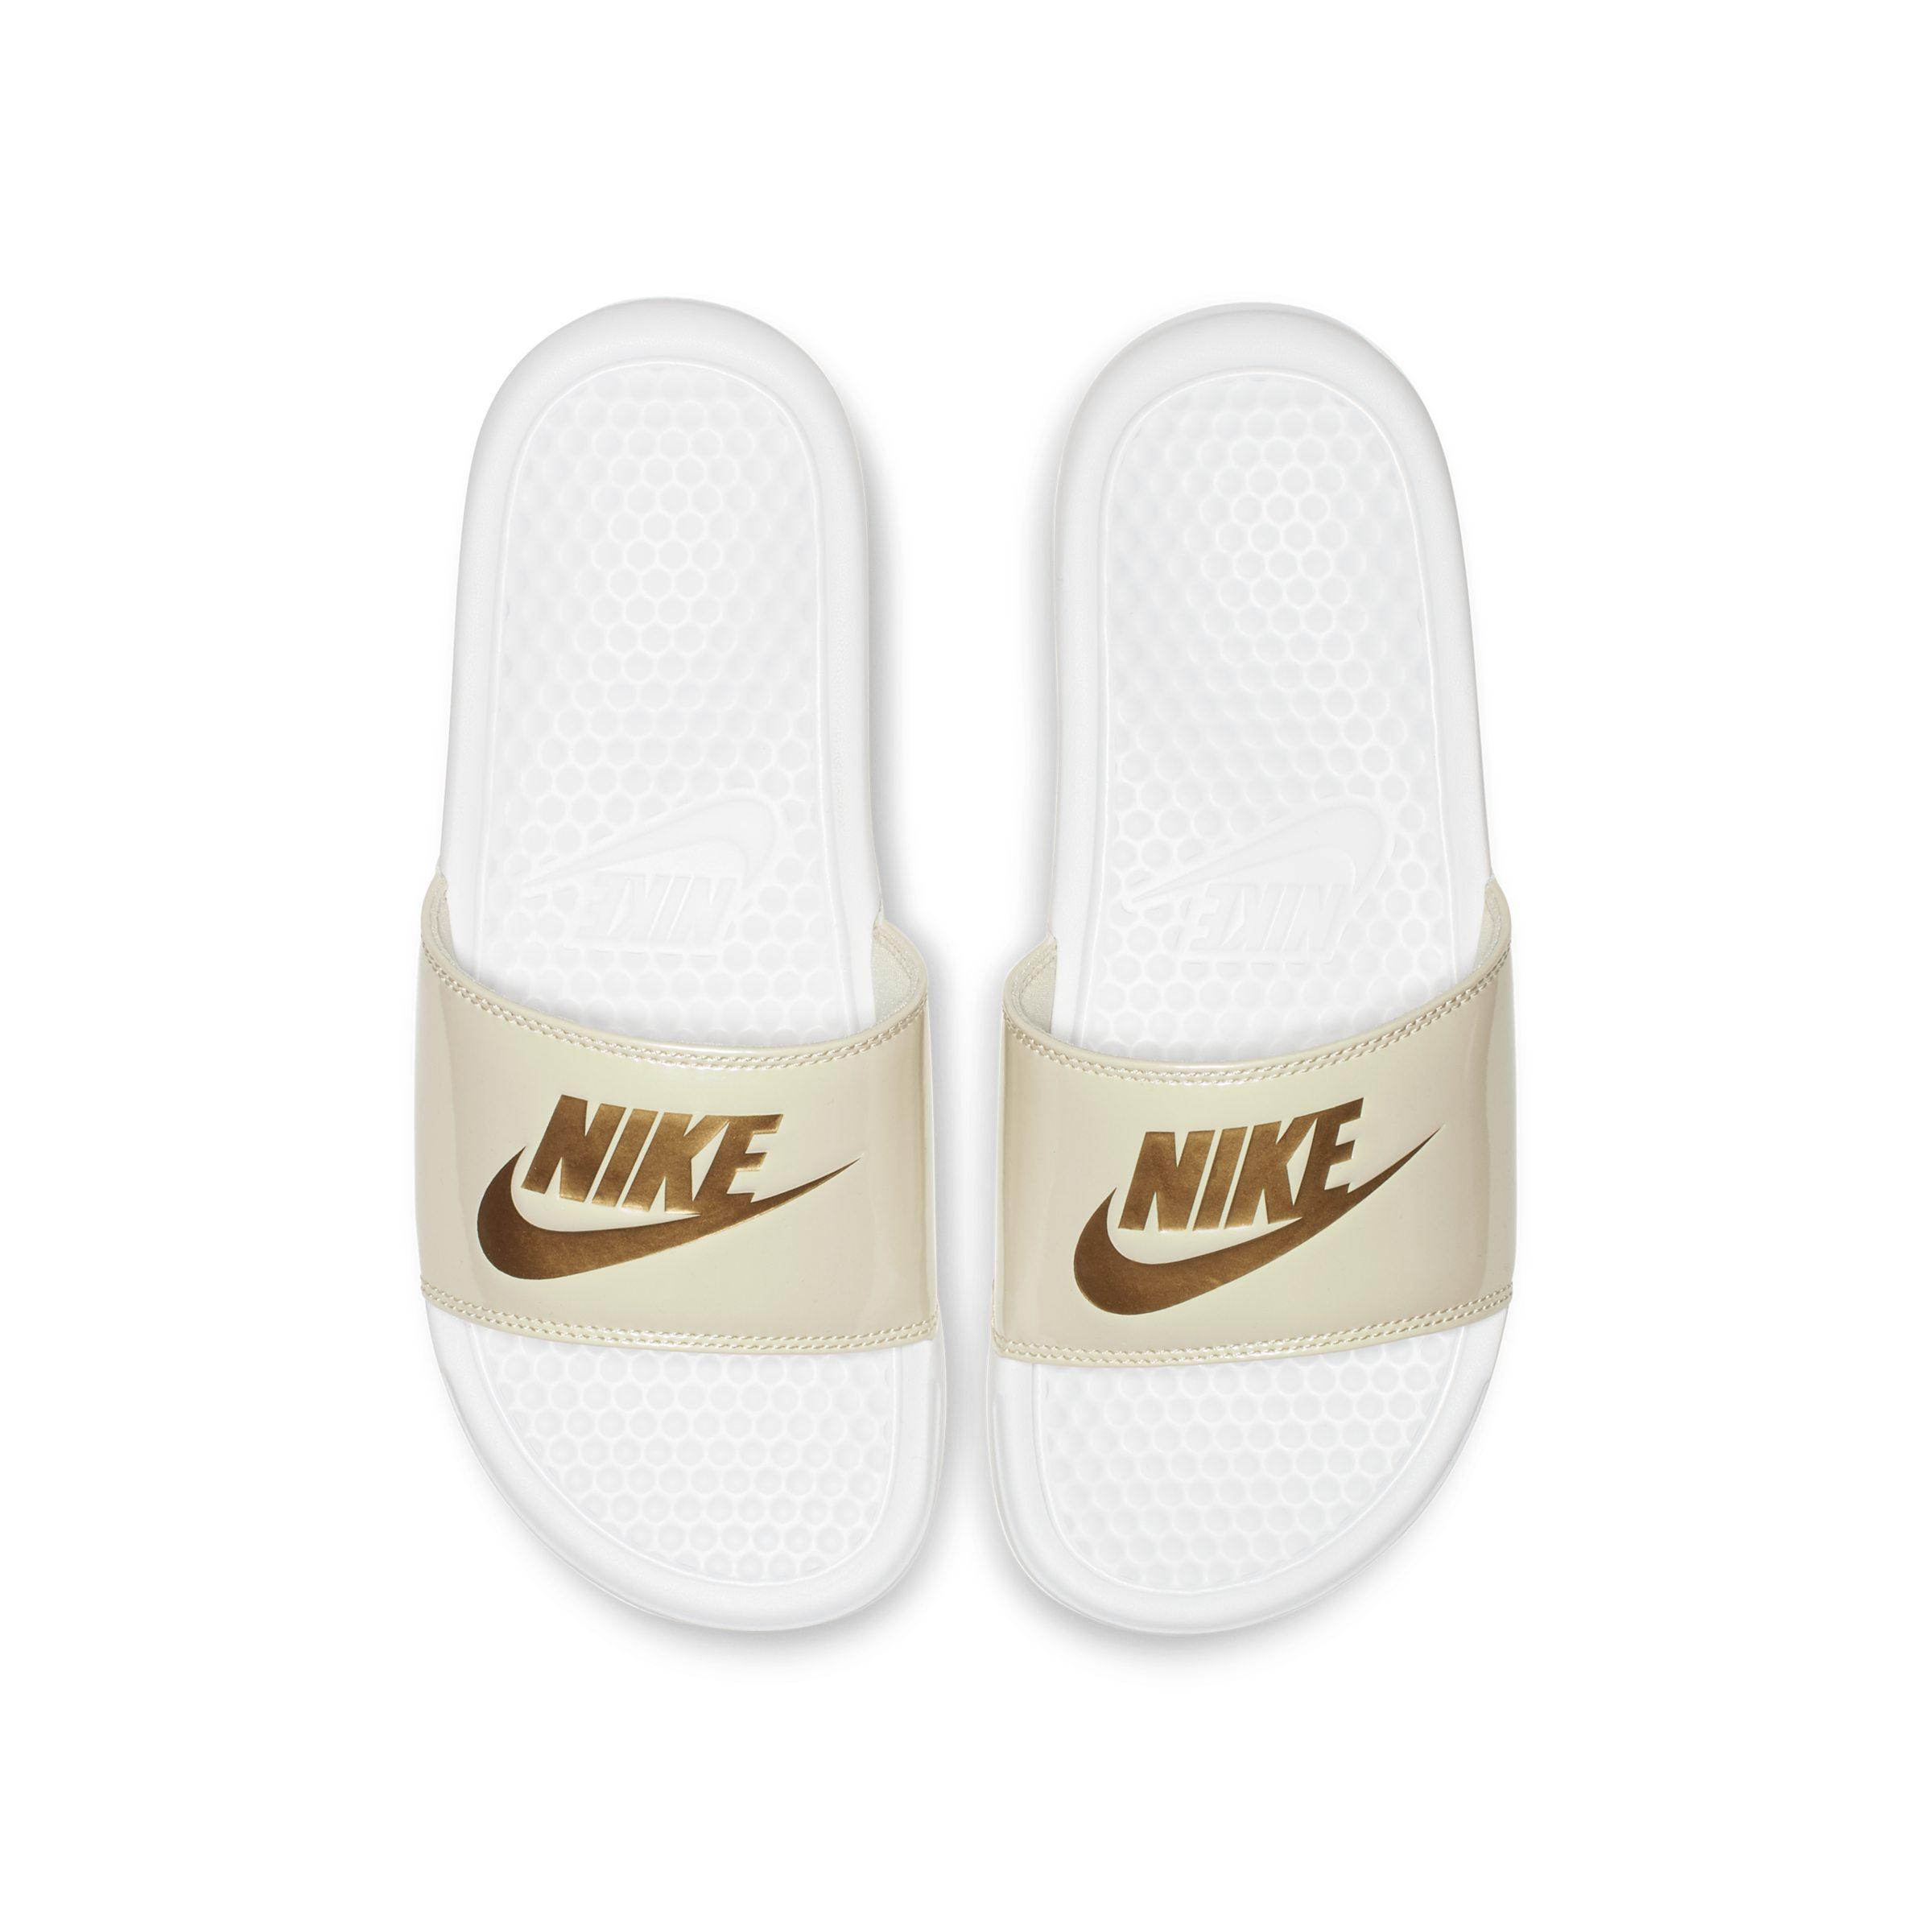 405992bf3b71 Nike Benassi Jdi Metallic Slide in White - Lyst